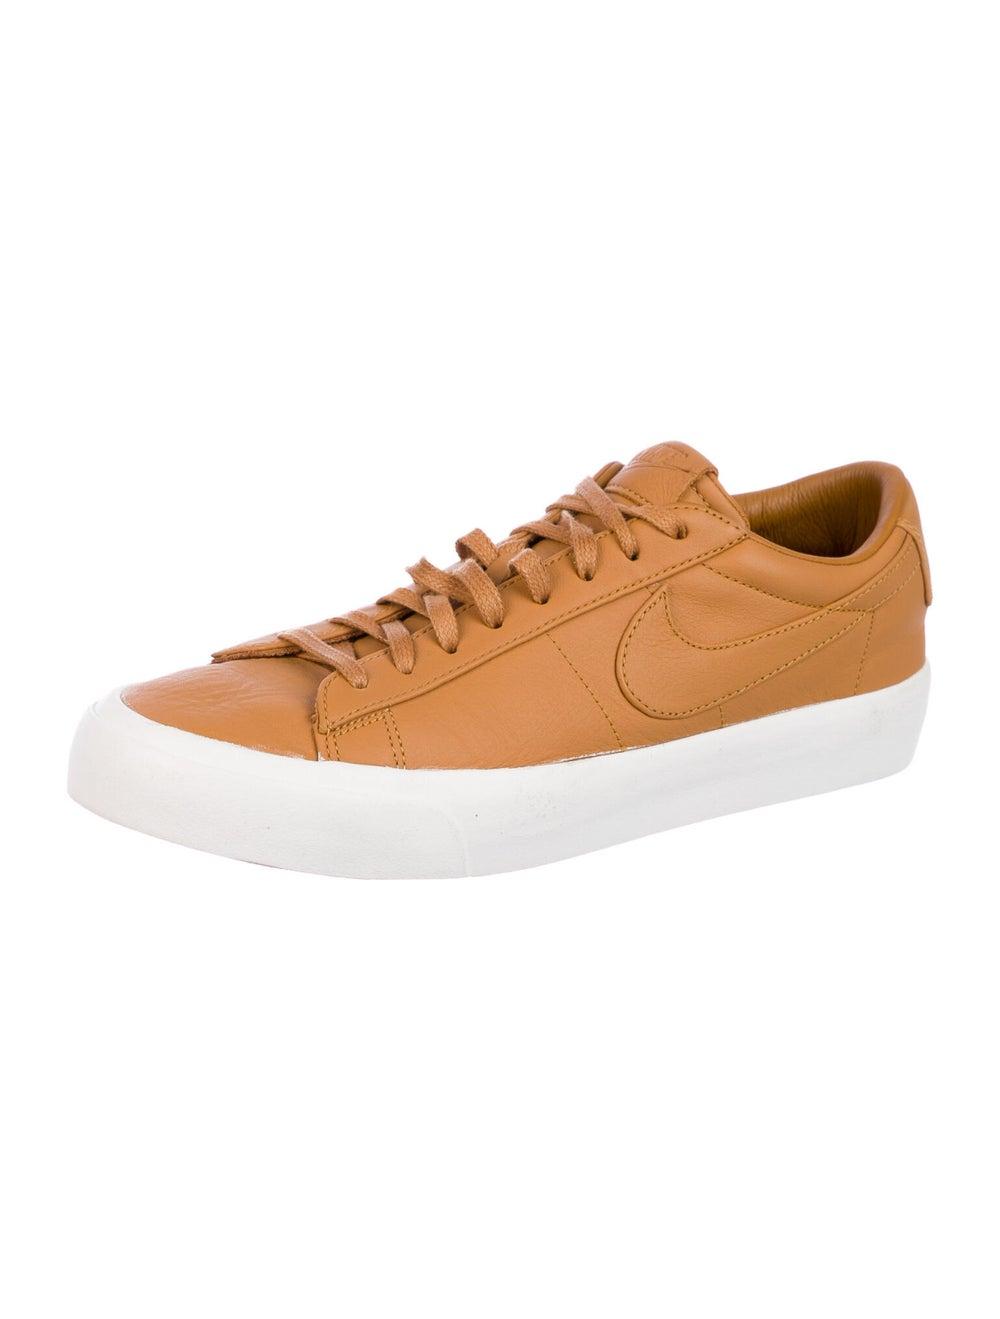 Nike Blazer Sneakers Brown - image 2